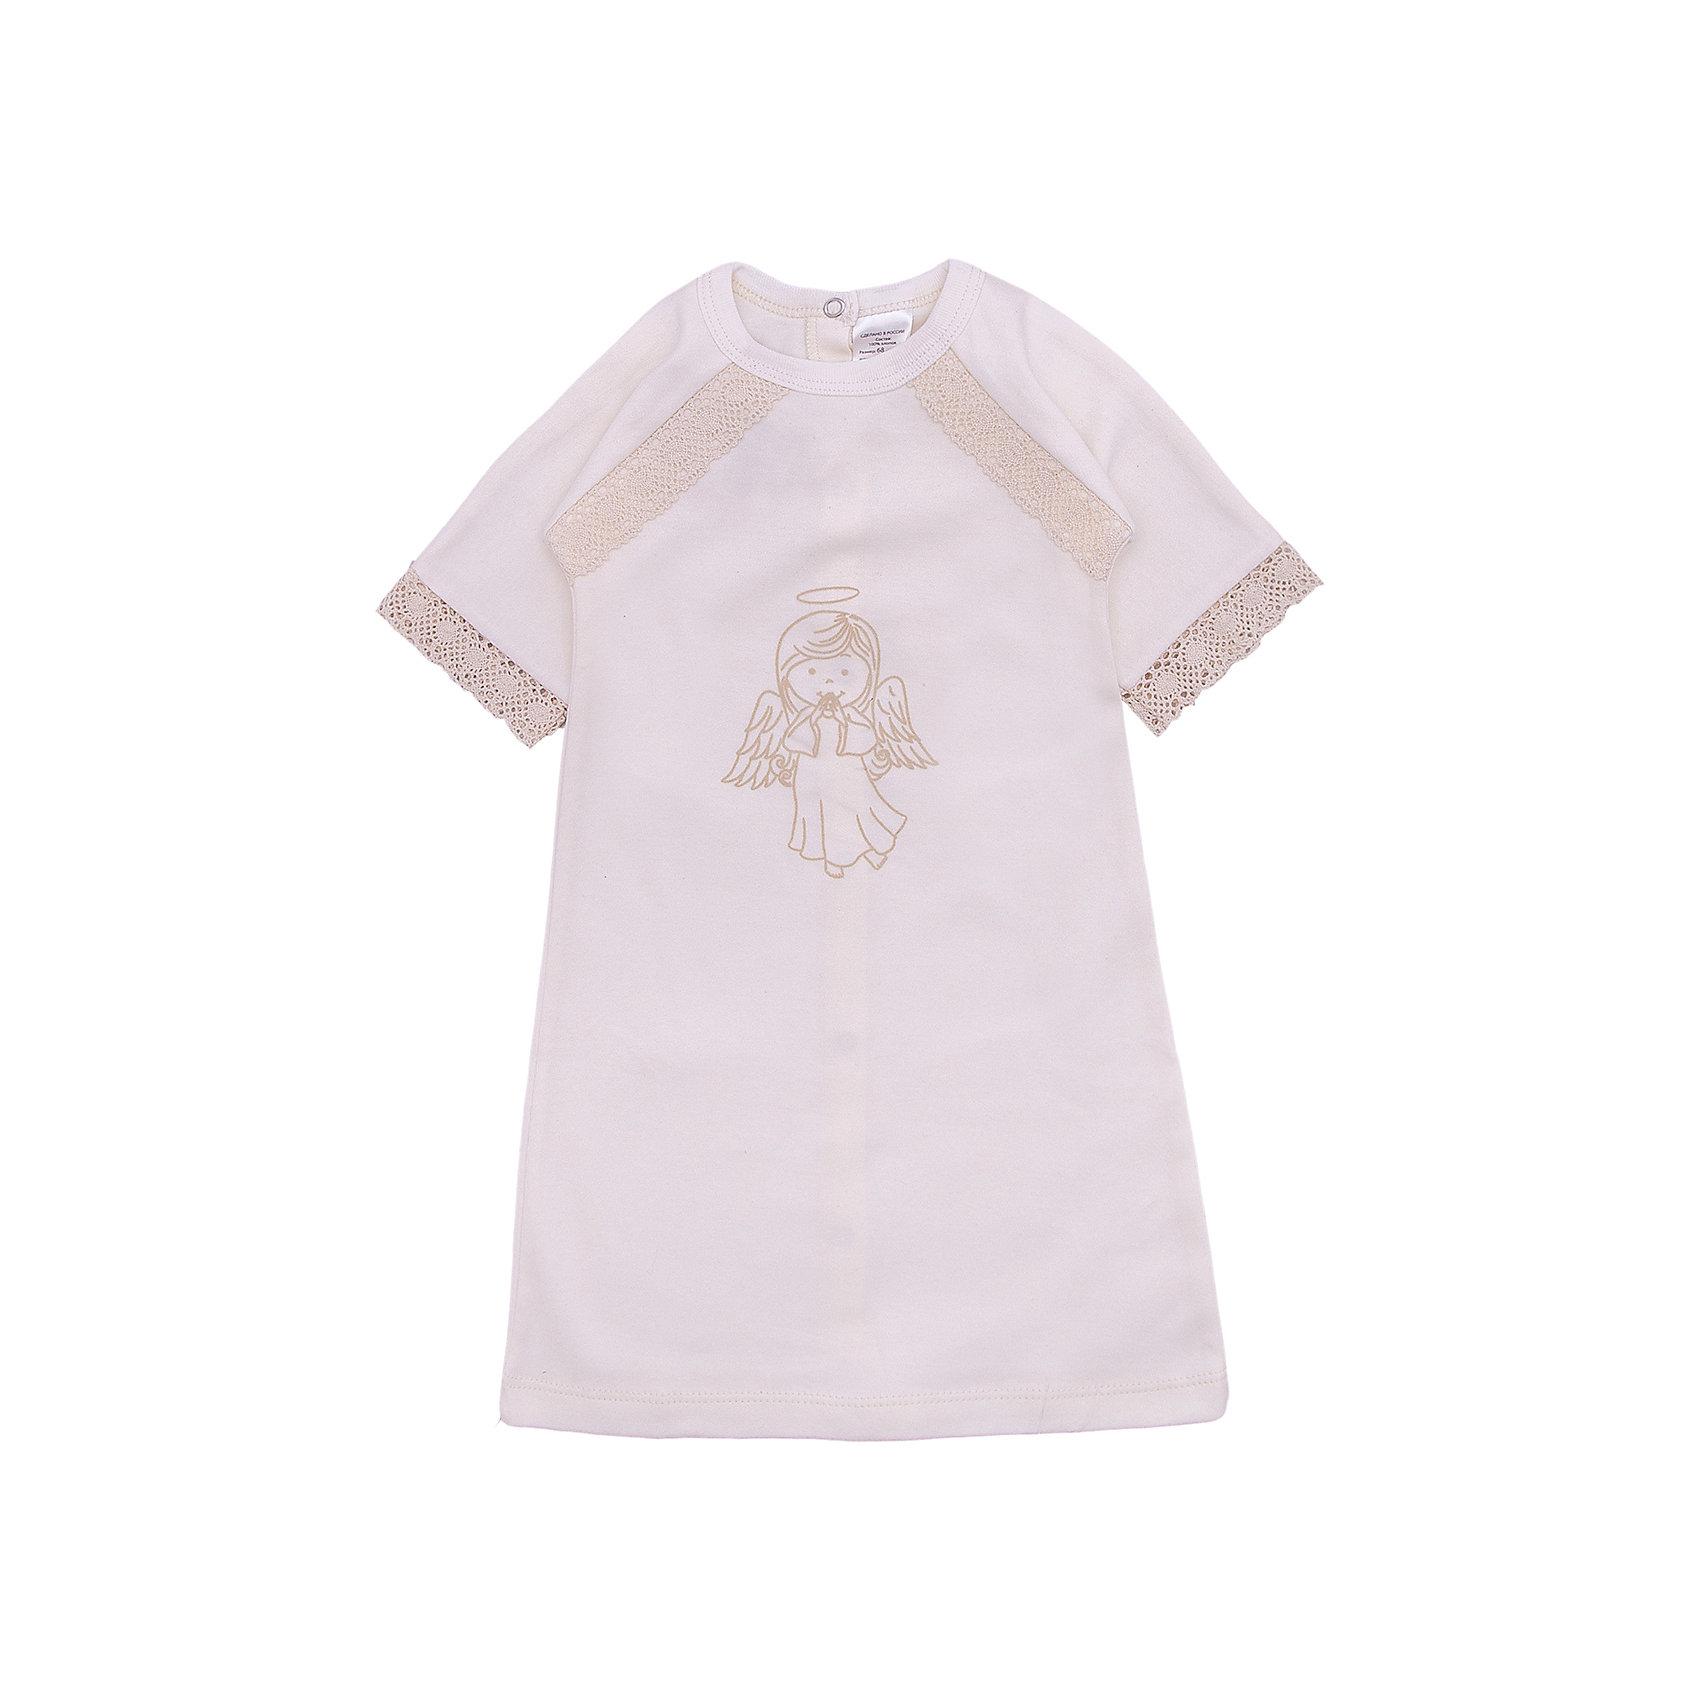 Крестильное платье с капюшоном,тесьма, р-р 68, NewBorn, белыйХарактеристики:<br><br>• Вид детской одежды: платье с капюшоном<br>• Предназначение: для крещения<br>• Коллекция: NewBorn<br>• Сезон: круглый год<br>• Пол: для девочки<br>• Тематика рисунка: ангелы<br>• Размер: 68<br>• Цвет: белый, золотистый<br>• Материал: трикотаж, хлопок<br>• Длина рукава: короткие<br>• Запах: спереди<br>• Застежка: спереди на кнопке<br>• Наличие капюшона<br>• Декорировано широкой тесьмой из шитья <br>• Передняя полочка украшена термонаклейкой в виде ангела<br>• Особенности ухода: допускается деликатная стирка без использования красящих и отбеливающих средств<br><br>Крестильное платье с капюшоном, тесьма, р-р 68, NewBorn, белый из коллекции NewBorn от отечественного швейного производства ТексПром предназначено для создания праздничного образа девочки во время торжественного обряда крещения. Платье представлено в коллекции NewBorn, которая сочетает в себе классические и современные тенденции в мире моды для новорожденных, при этом при технологии изготовления детской одежды сохраняются самые лучшие традиции: свободный крой, внешние швы и натуральные ткани. Платье с короткими рукавами и капюшоном выполнено из трикотажа, все края обработаны трикотажной бейкой золотистого цвета. Изделие имеет передний запах с застежками на кнопках, что обеспечивает его легкое одевание. Праздничный образ создается за счет отделки рукавов, капюшона и низа платья широким кружевом золотистого цвета и термонаклейки на передней полочке в виде ангела. <br><br>Крестильное платье с капюшоном, тесьма, р-р 68, NewBorn, белый можно купить в нашем интернет-магазине.<br><br>Ширина мм: 220<br>Глубина мм: 5<br>Высота мм: 400<br>Вес г: 200<br>Возраст от месяцев: 3<br>Возраст до месяцев: 6<br>Пол: Женский<br>Возраст: Детский<br>SKU: 4912516